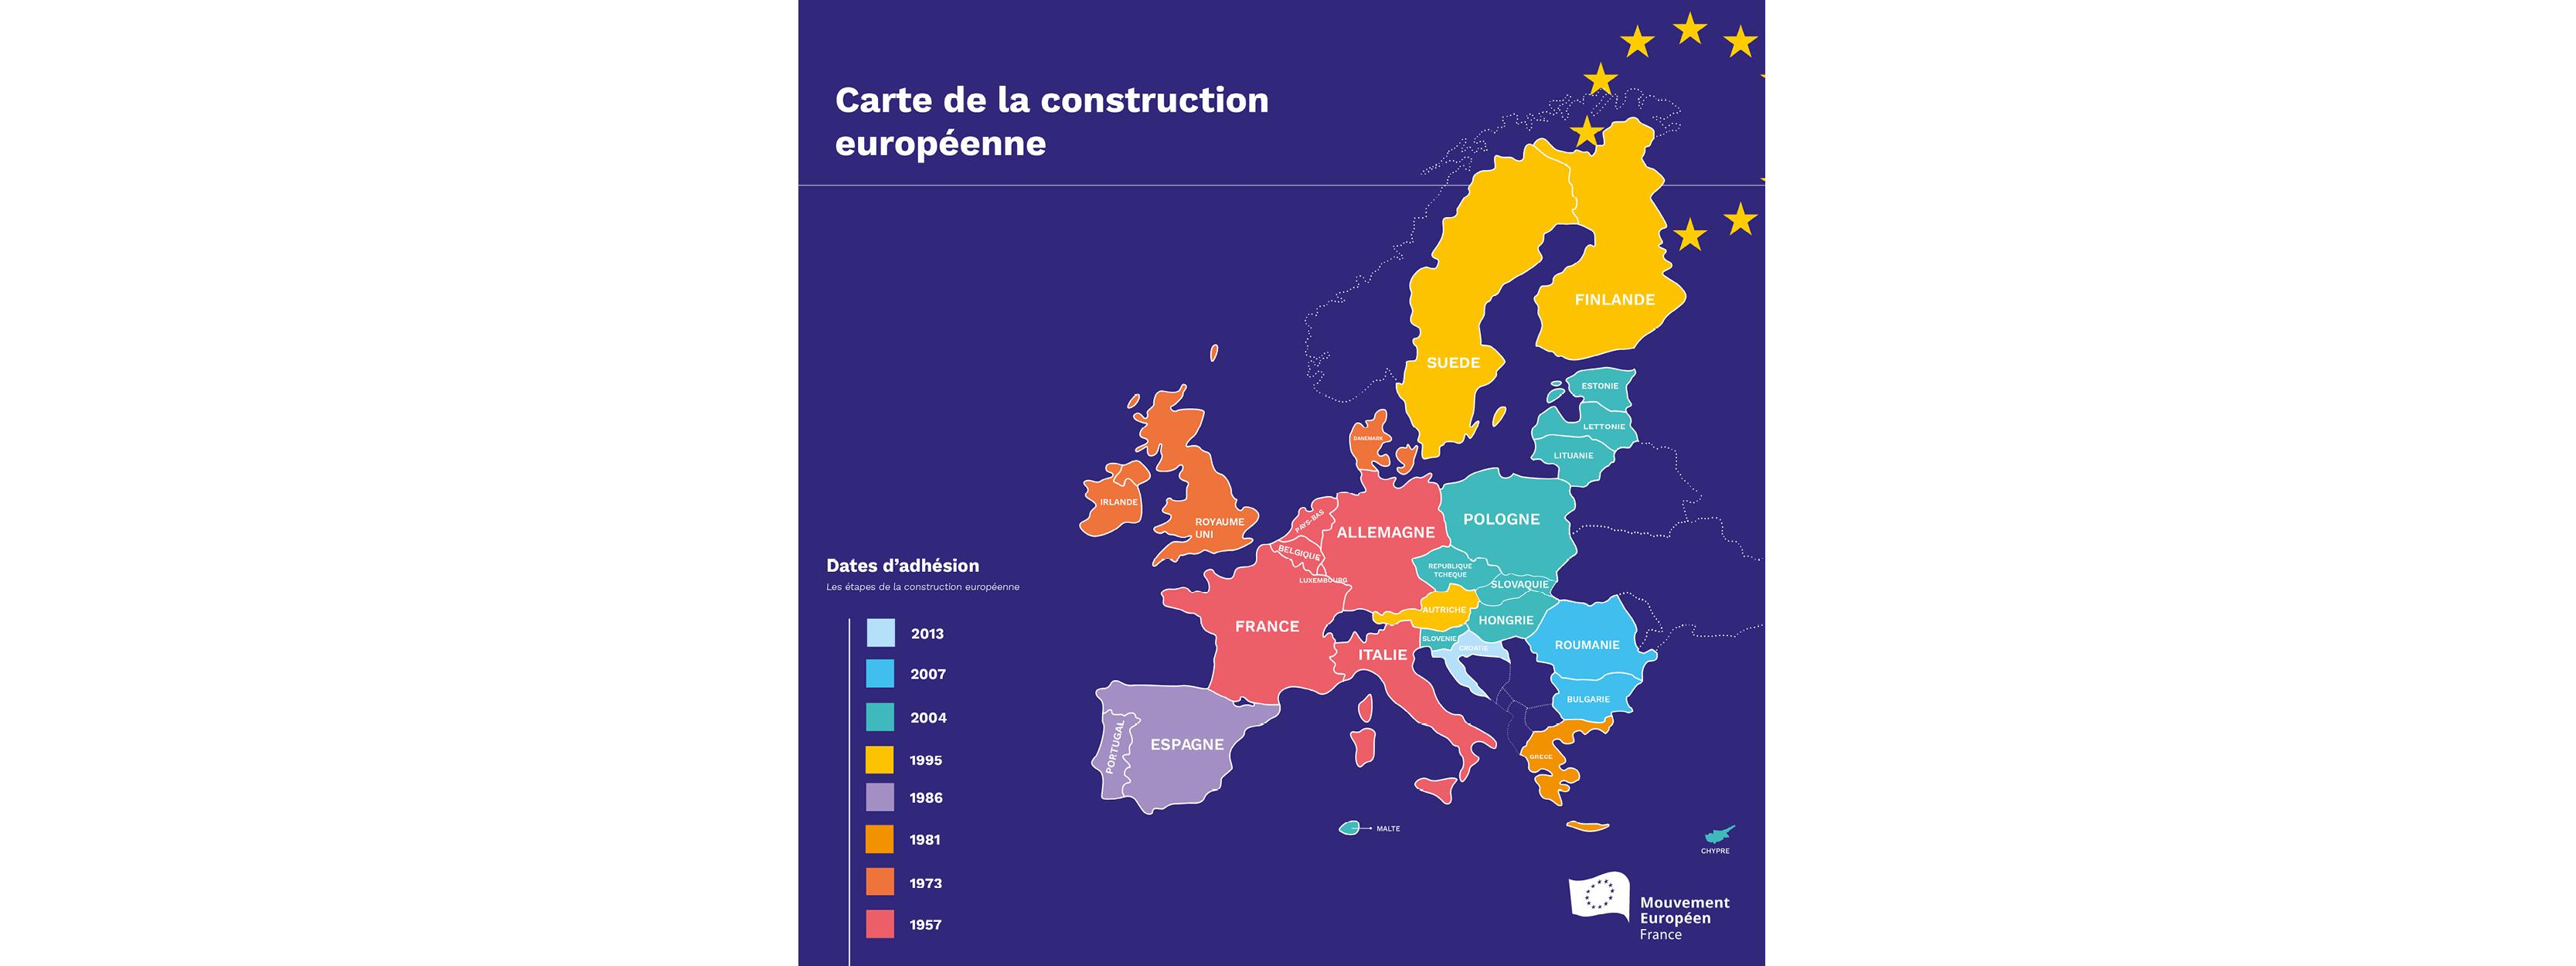 Carte Union Europeenne 2019.Union Europeenne La Construction Europeenne En Carte